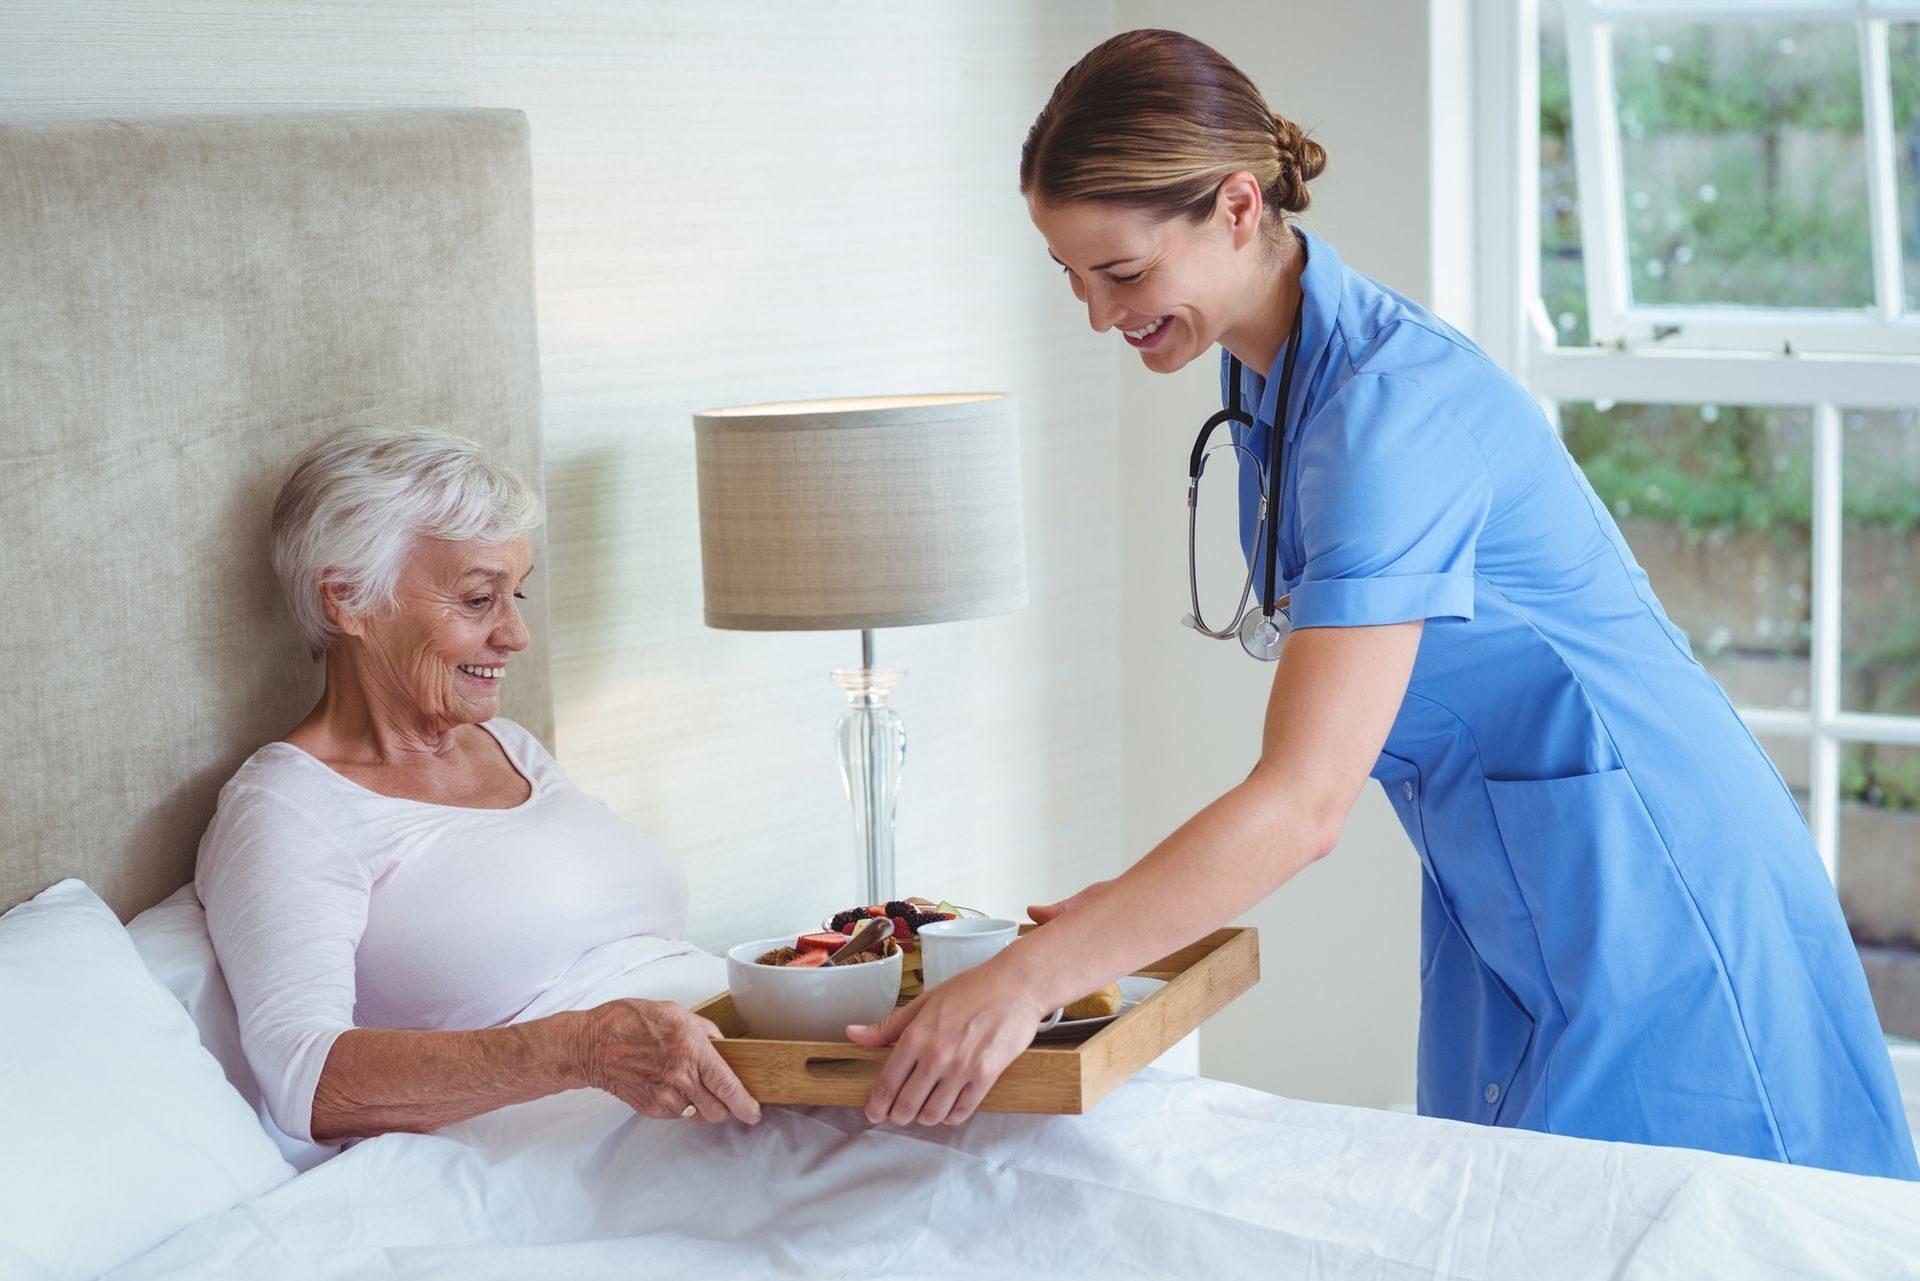 Пролежни. Профилактика и лечение пролежней у лежачих 56